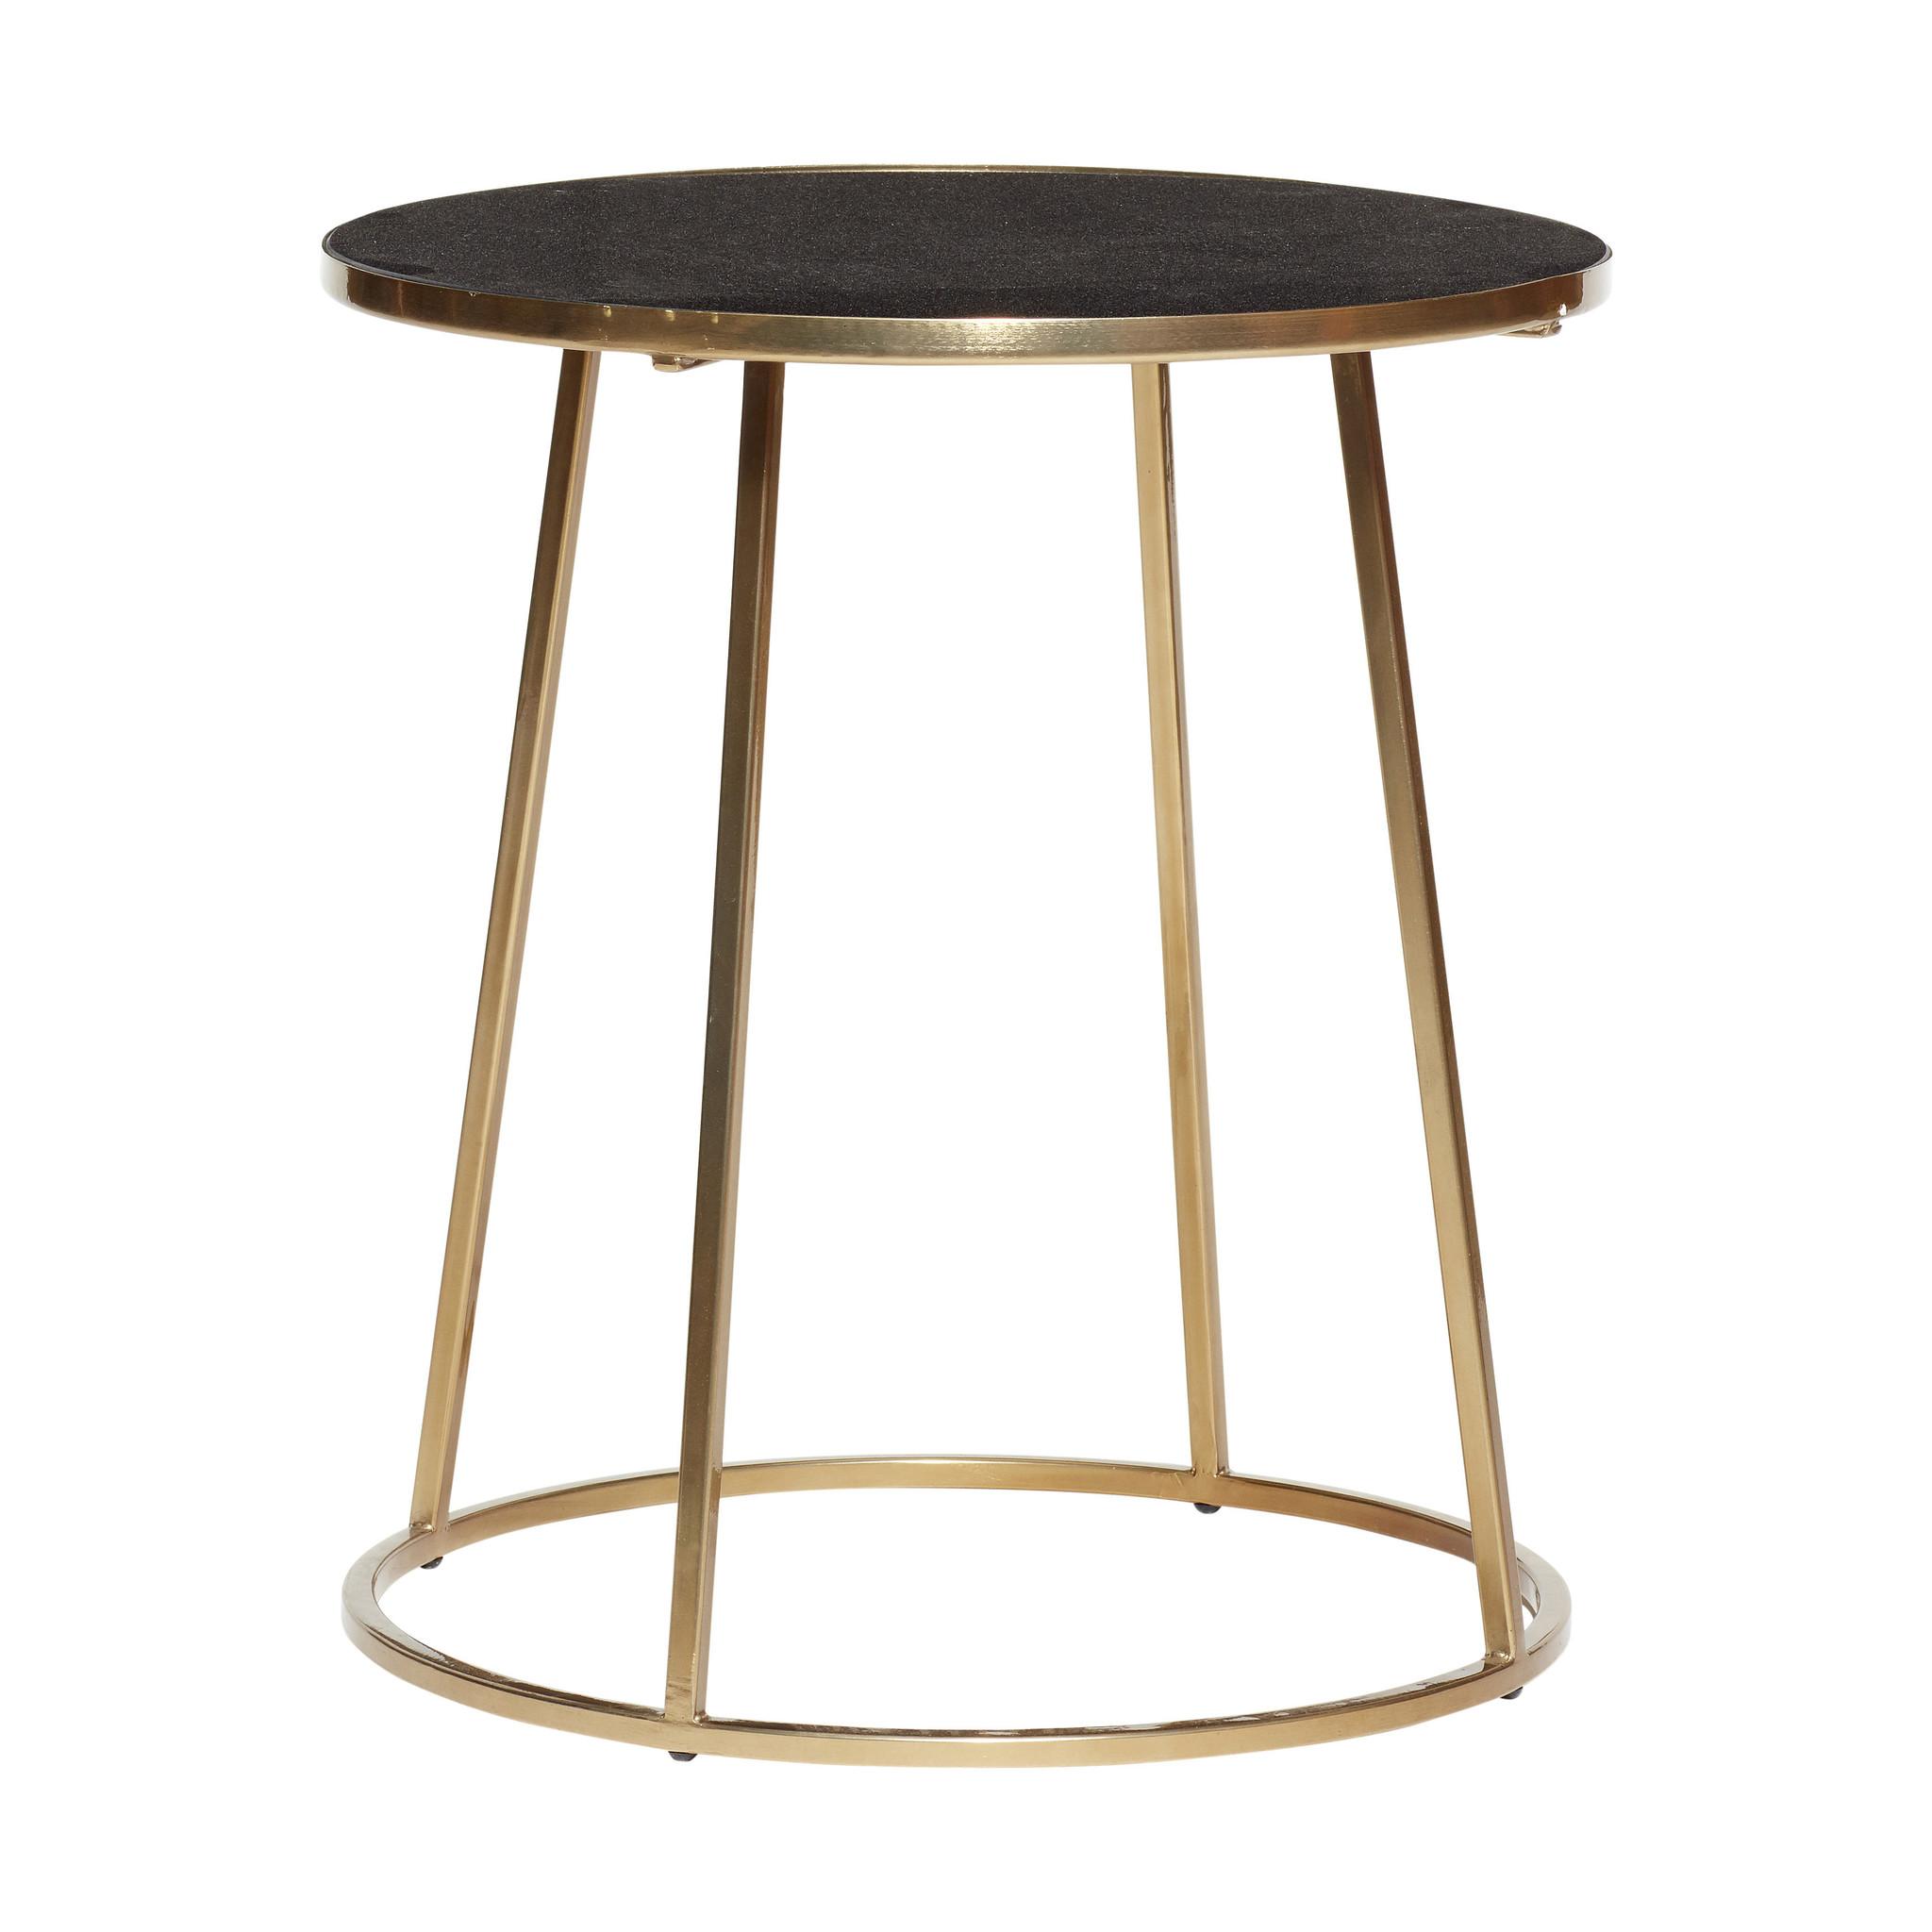 Hubsch Tafel met gouden frame, metaal / marmer, zwart / goud-670320-5712772055038